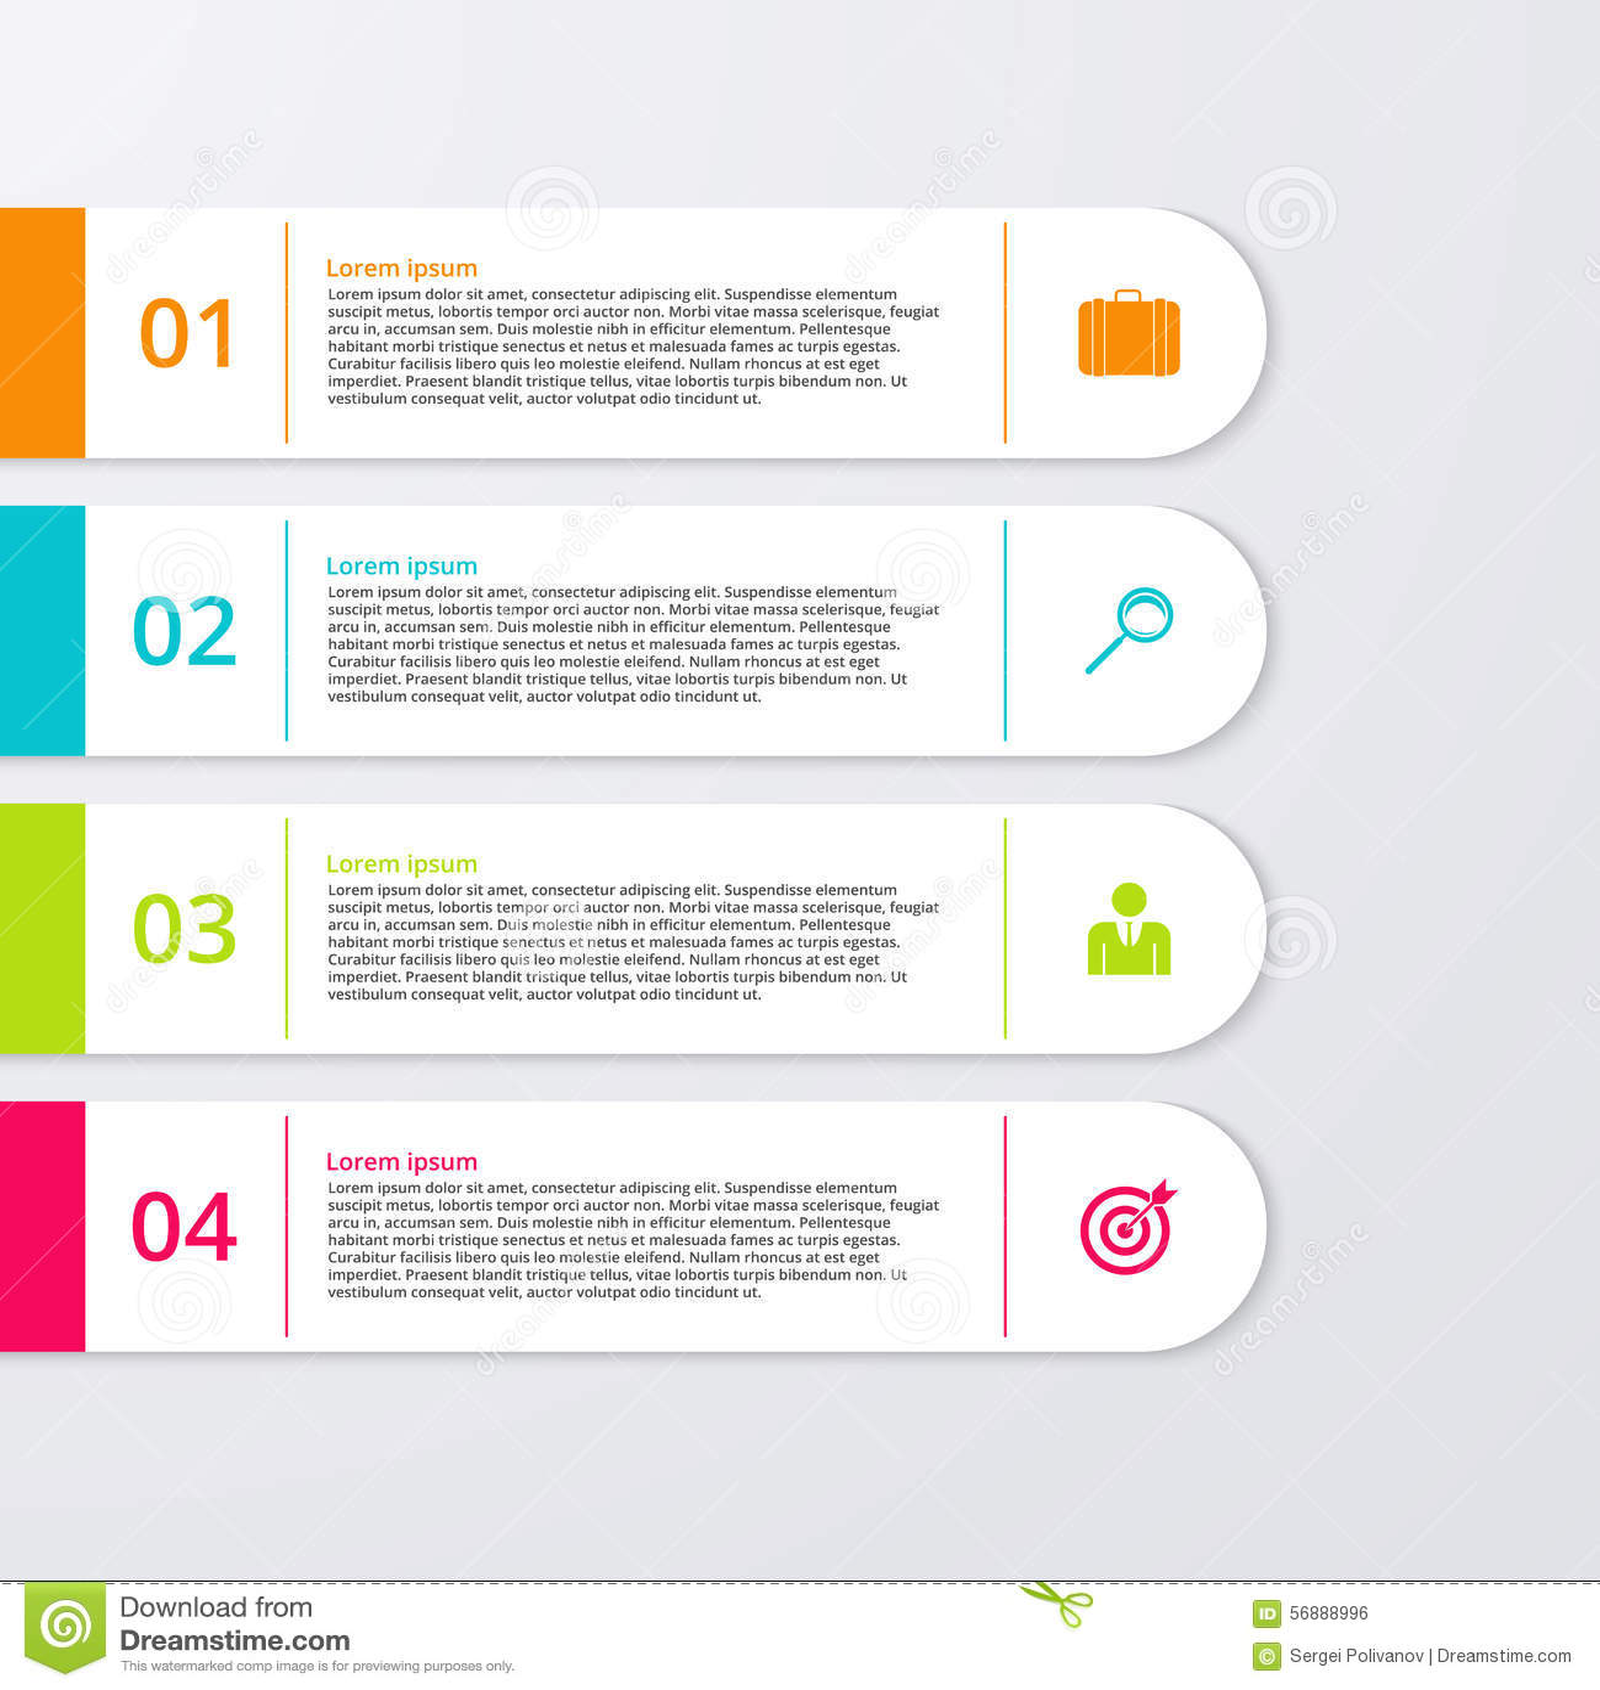 Un illustrazione di vettore di un infographics di quattro rettangoli